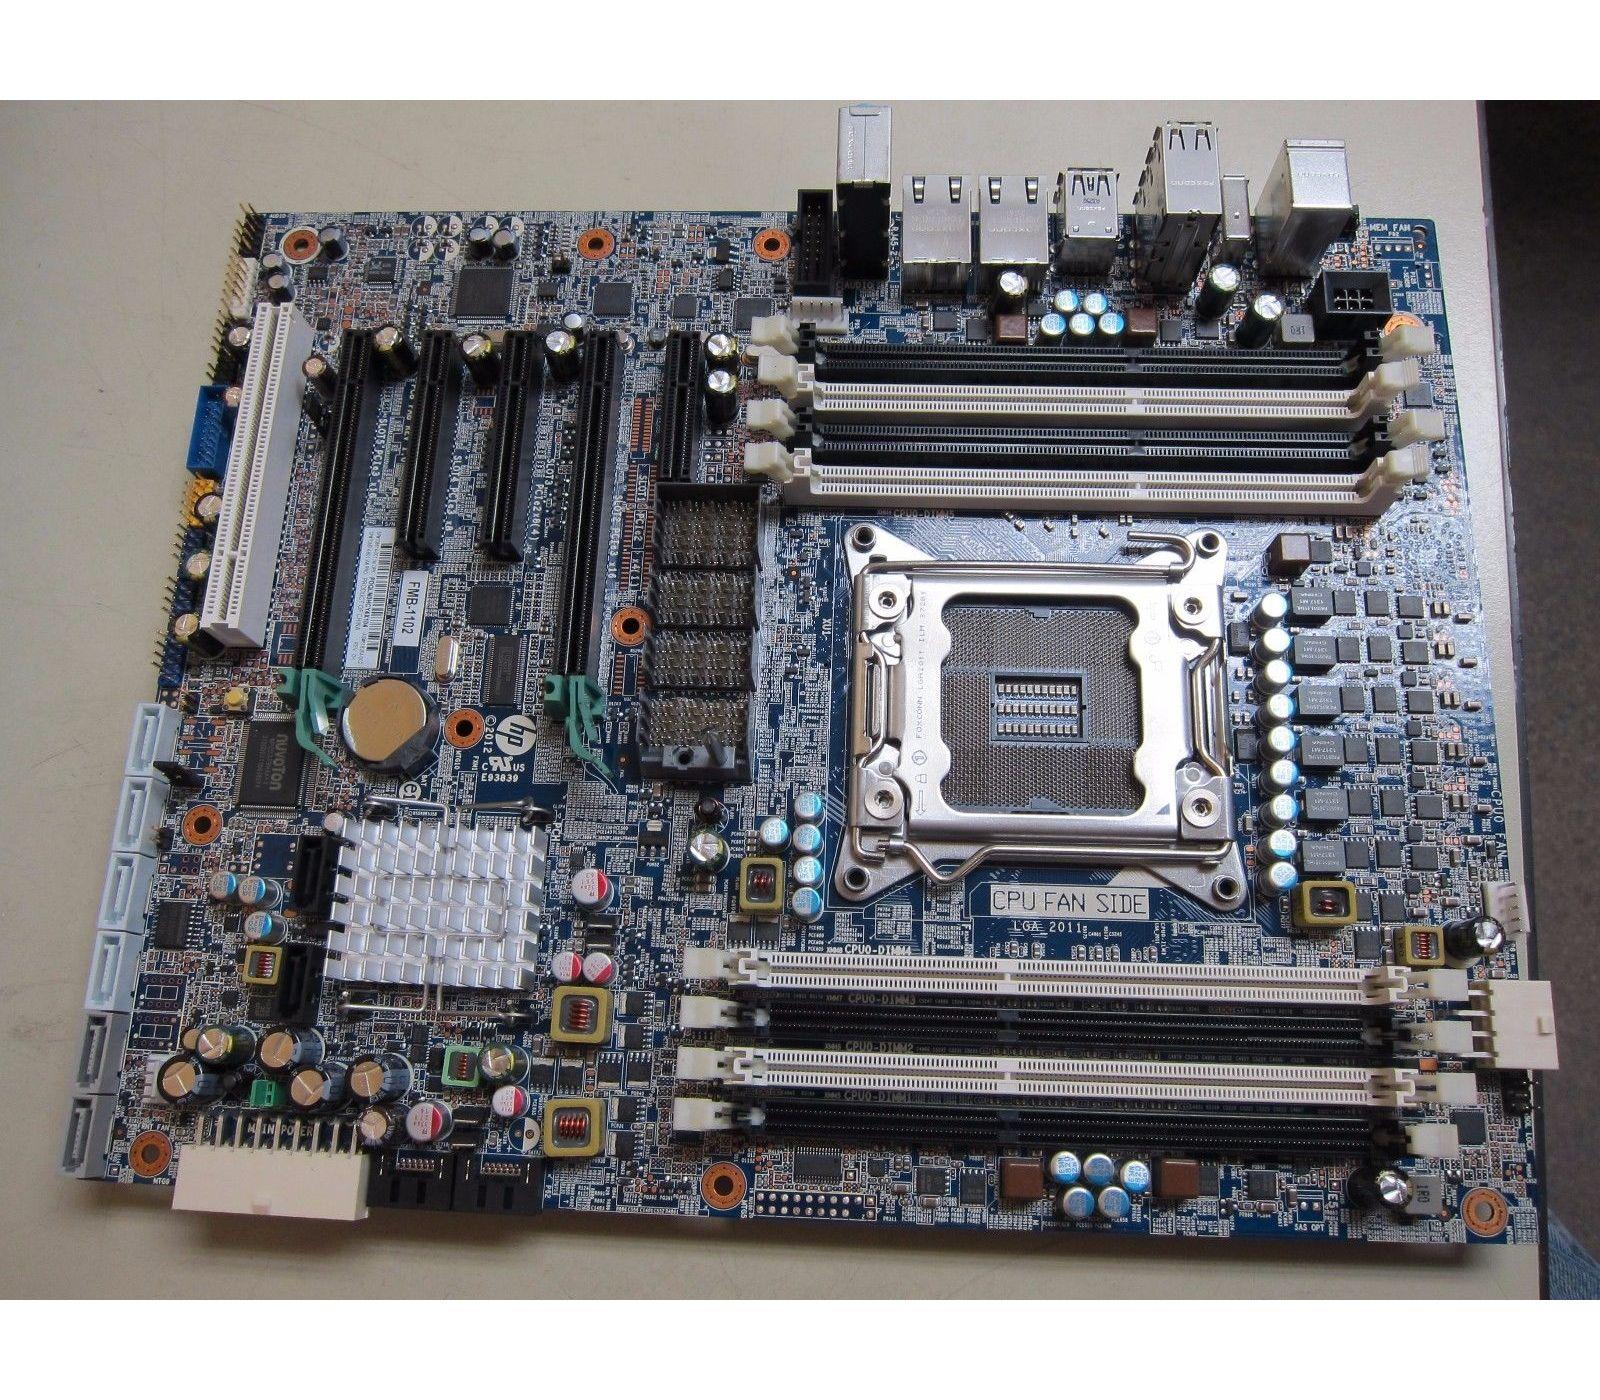 708614-001 HP Motherboard For Z620 Workstation  Refurbished